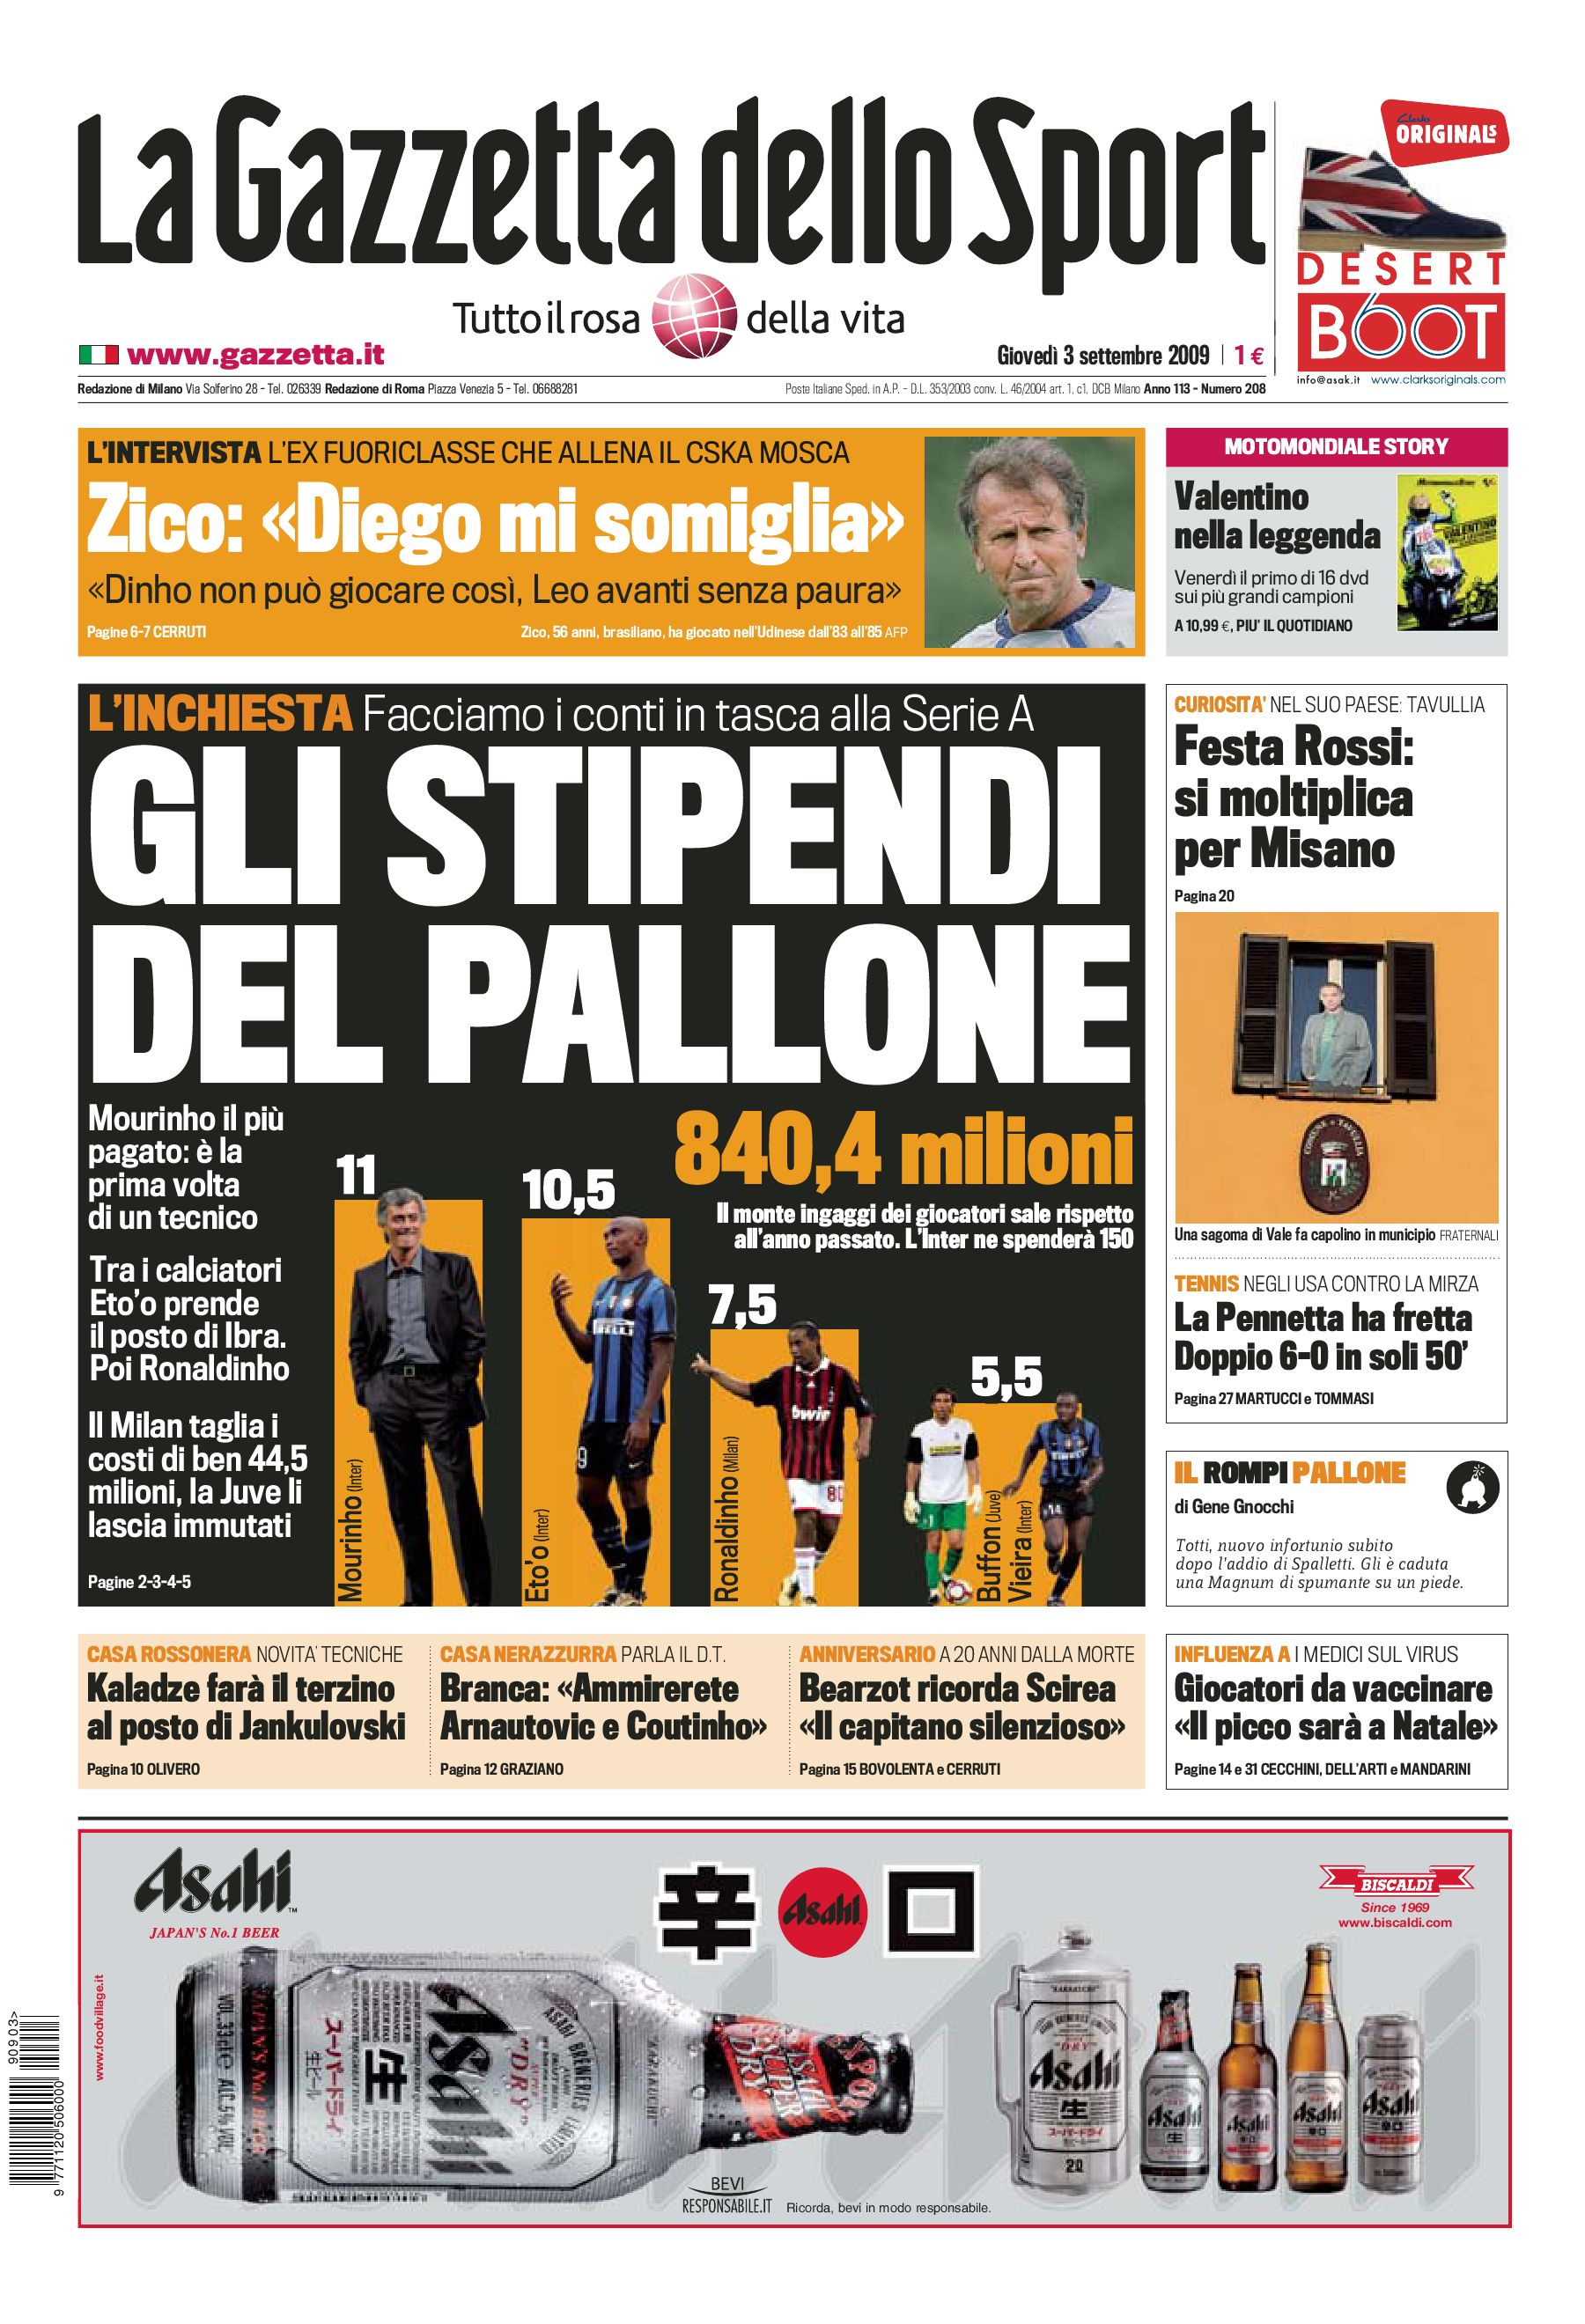 La Gazzetta Dell Sport 0309 By Decuzzo Michael Issuu